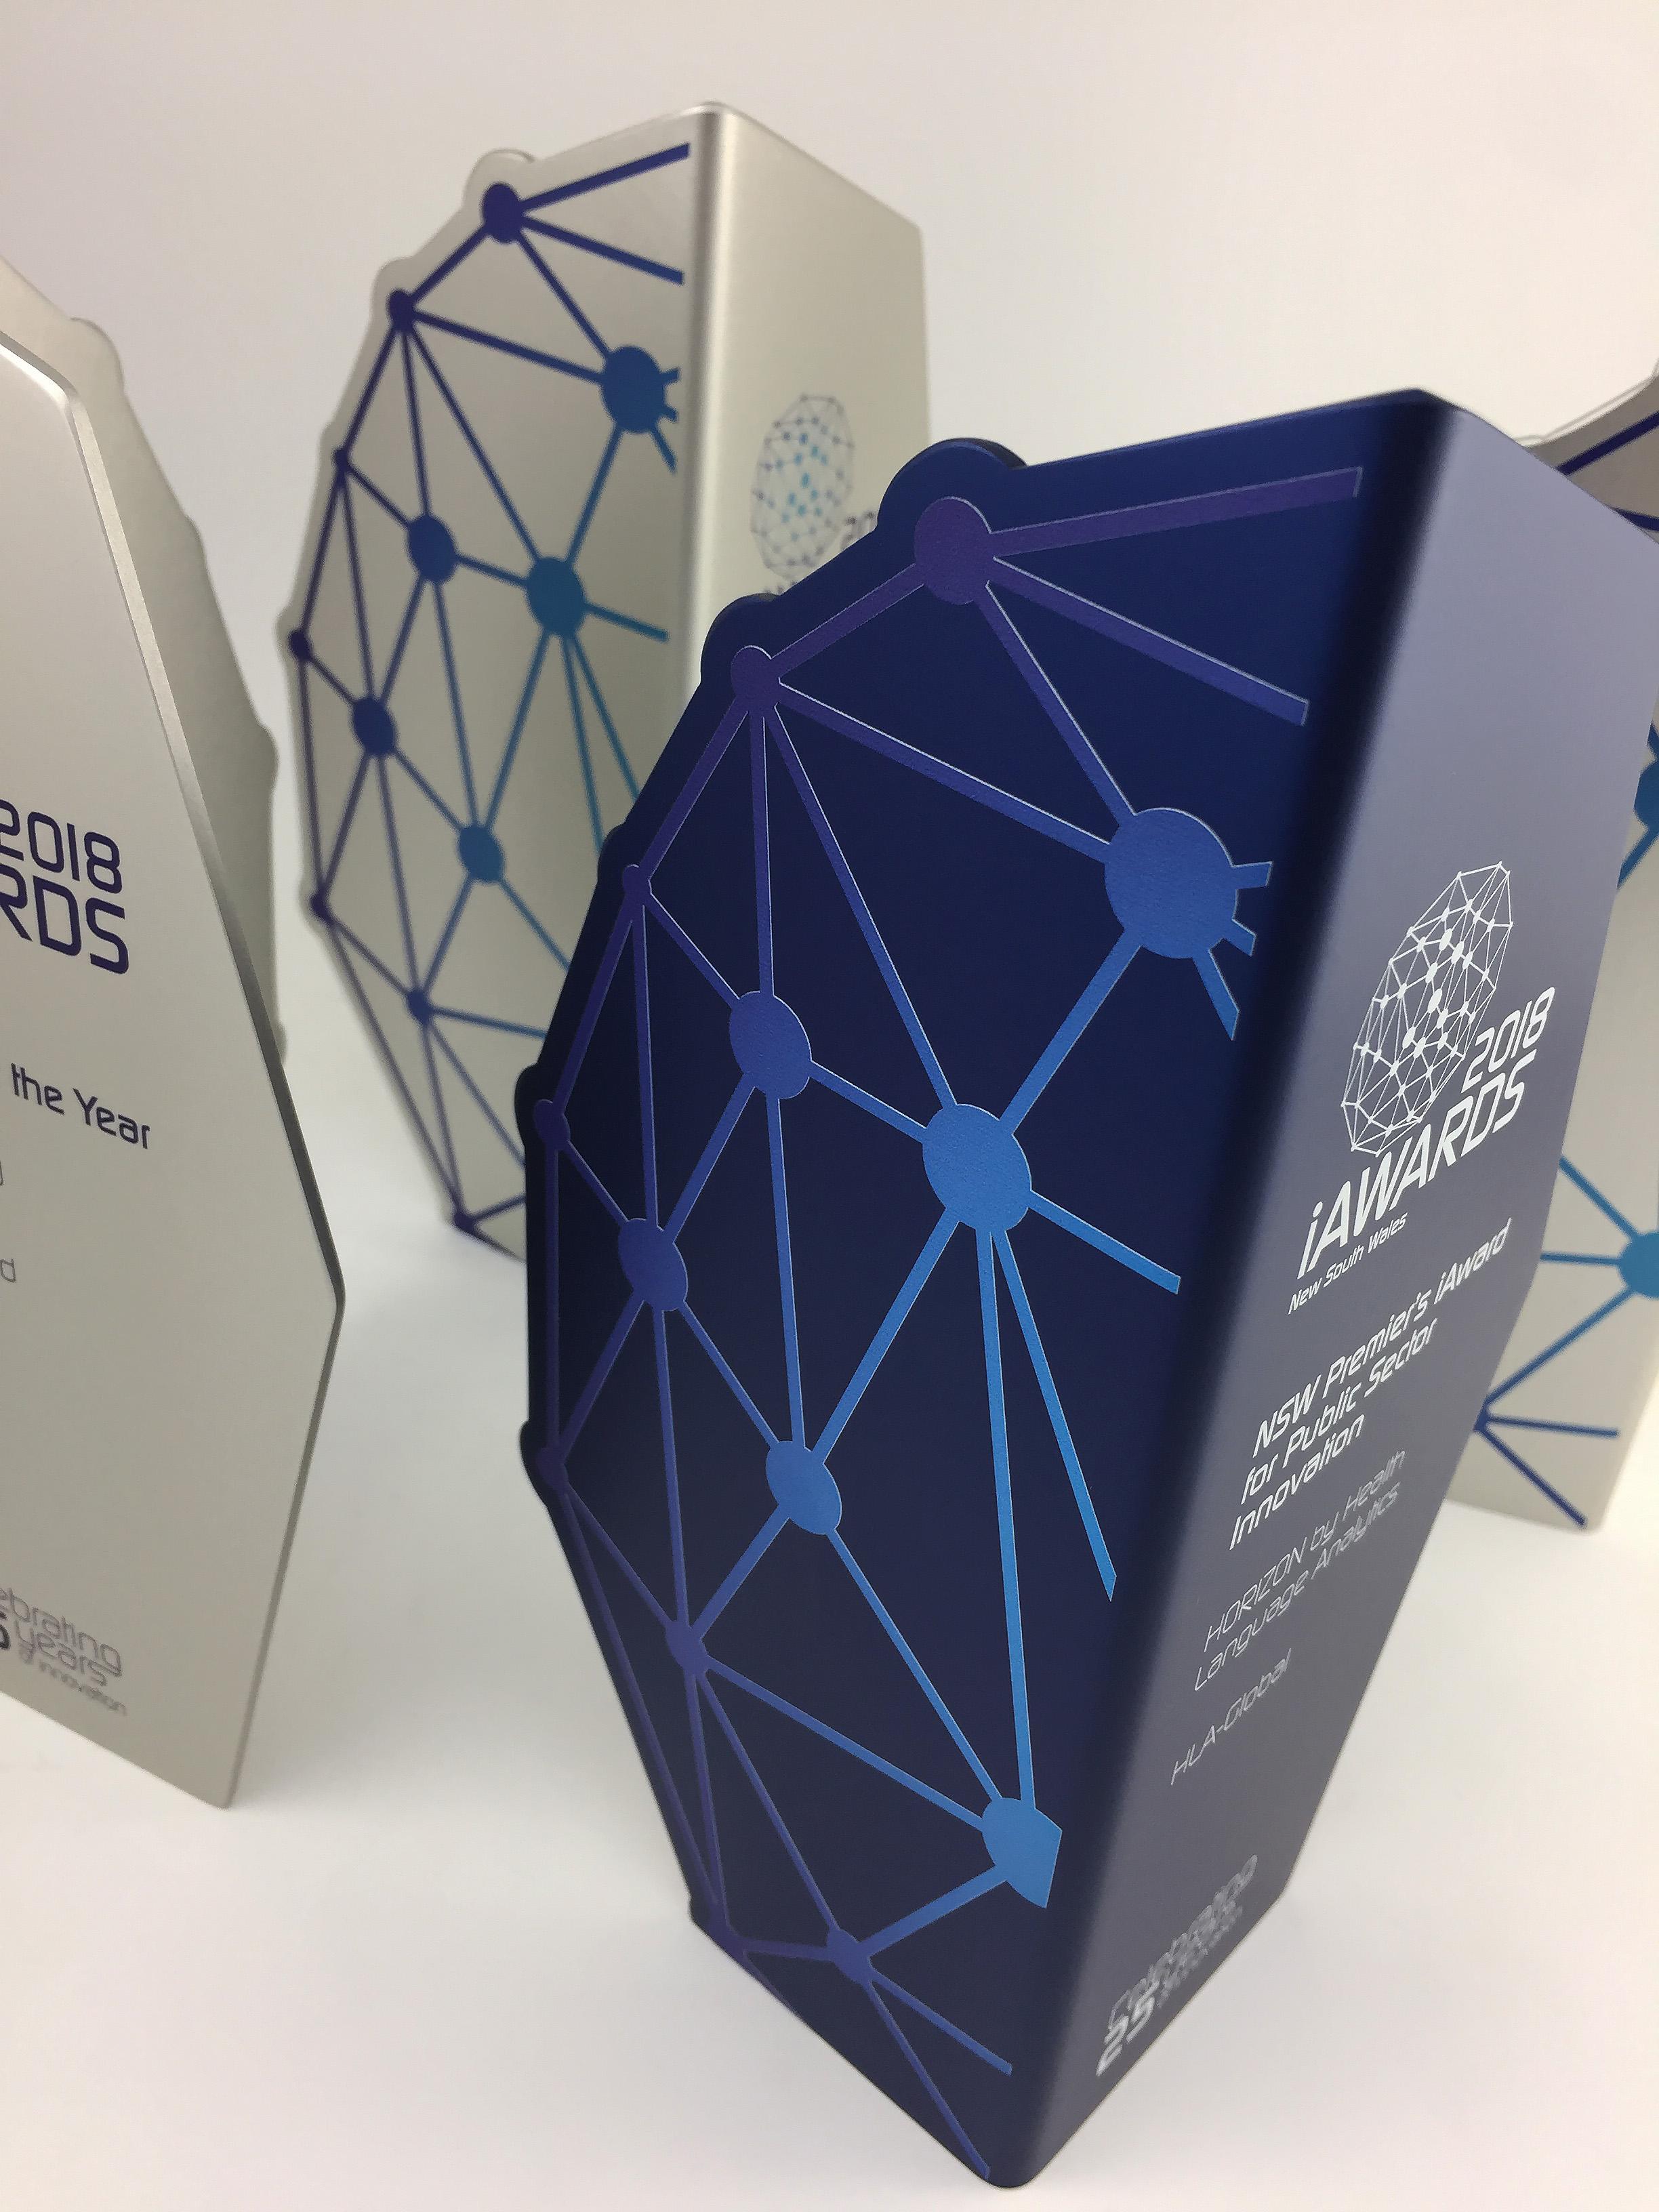 iawards-innovation-awards-2018-metal-trophy-05.jpg